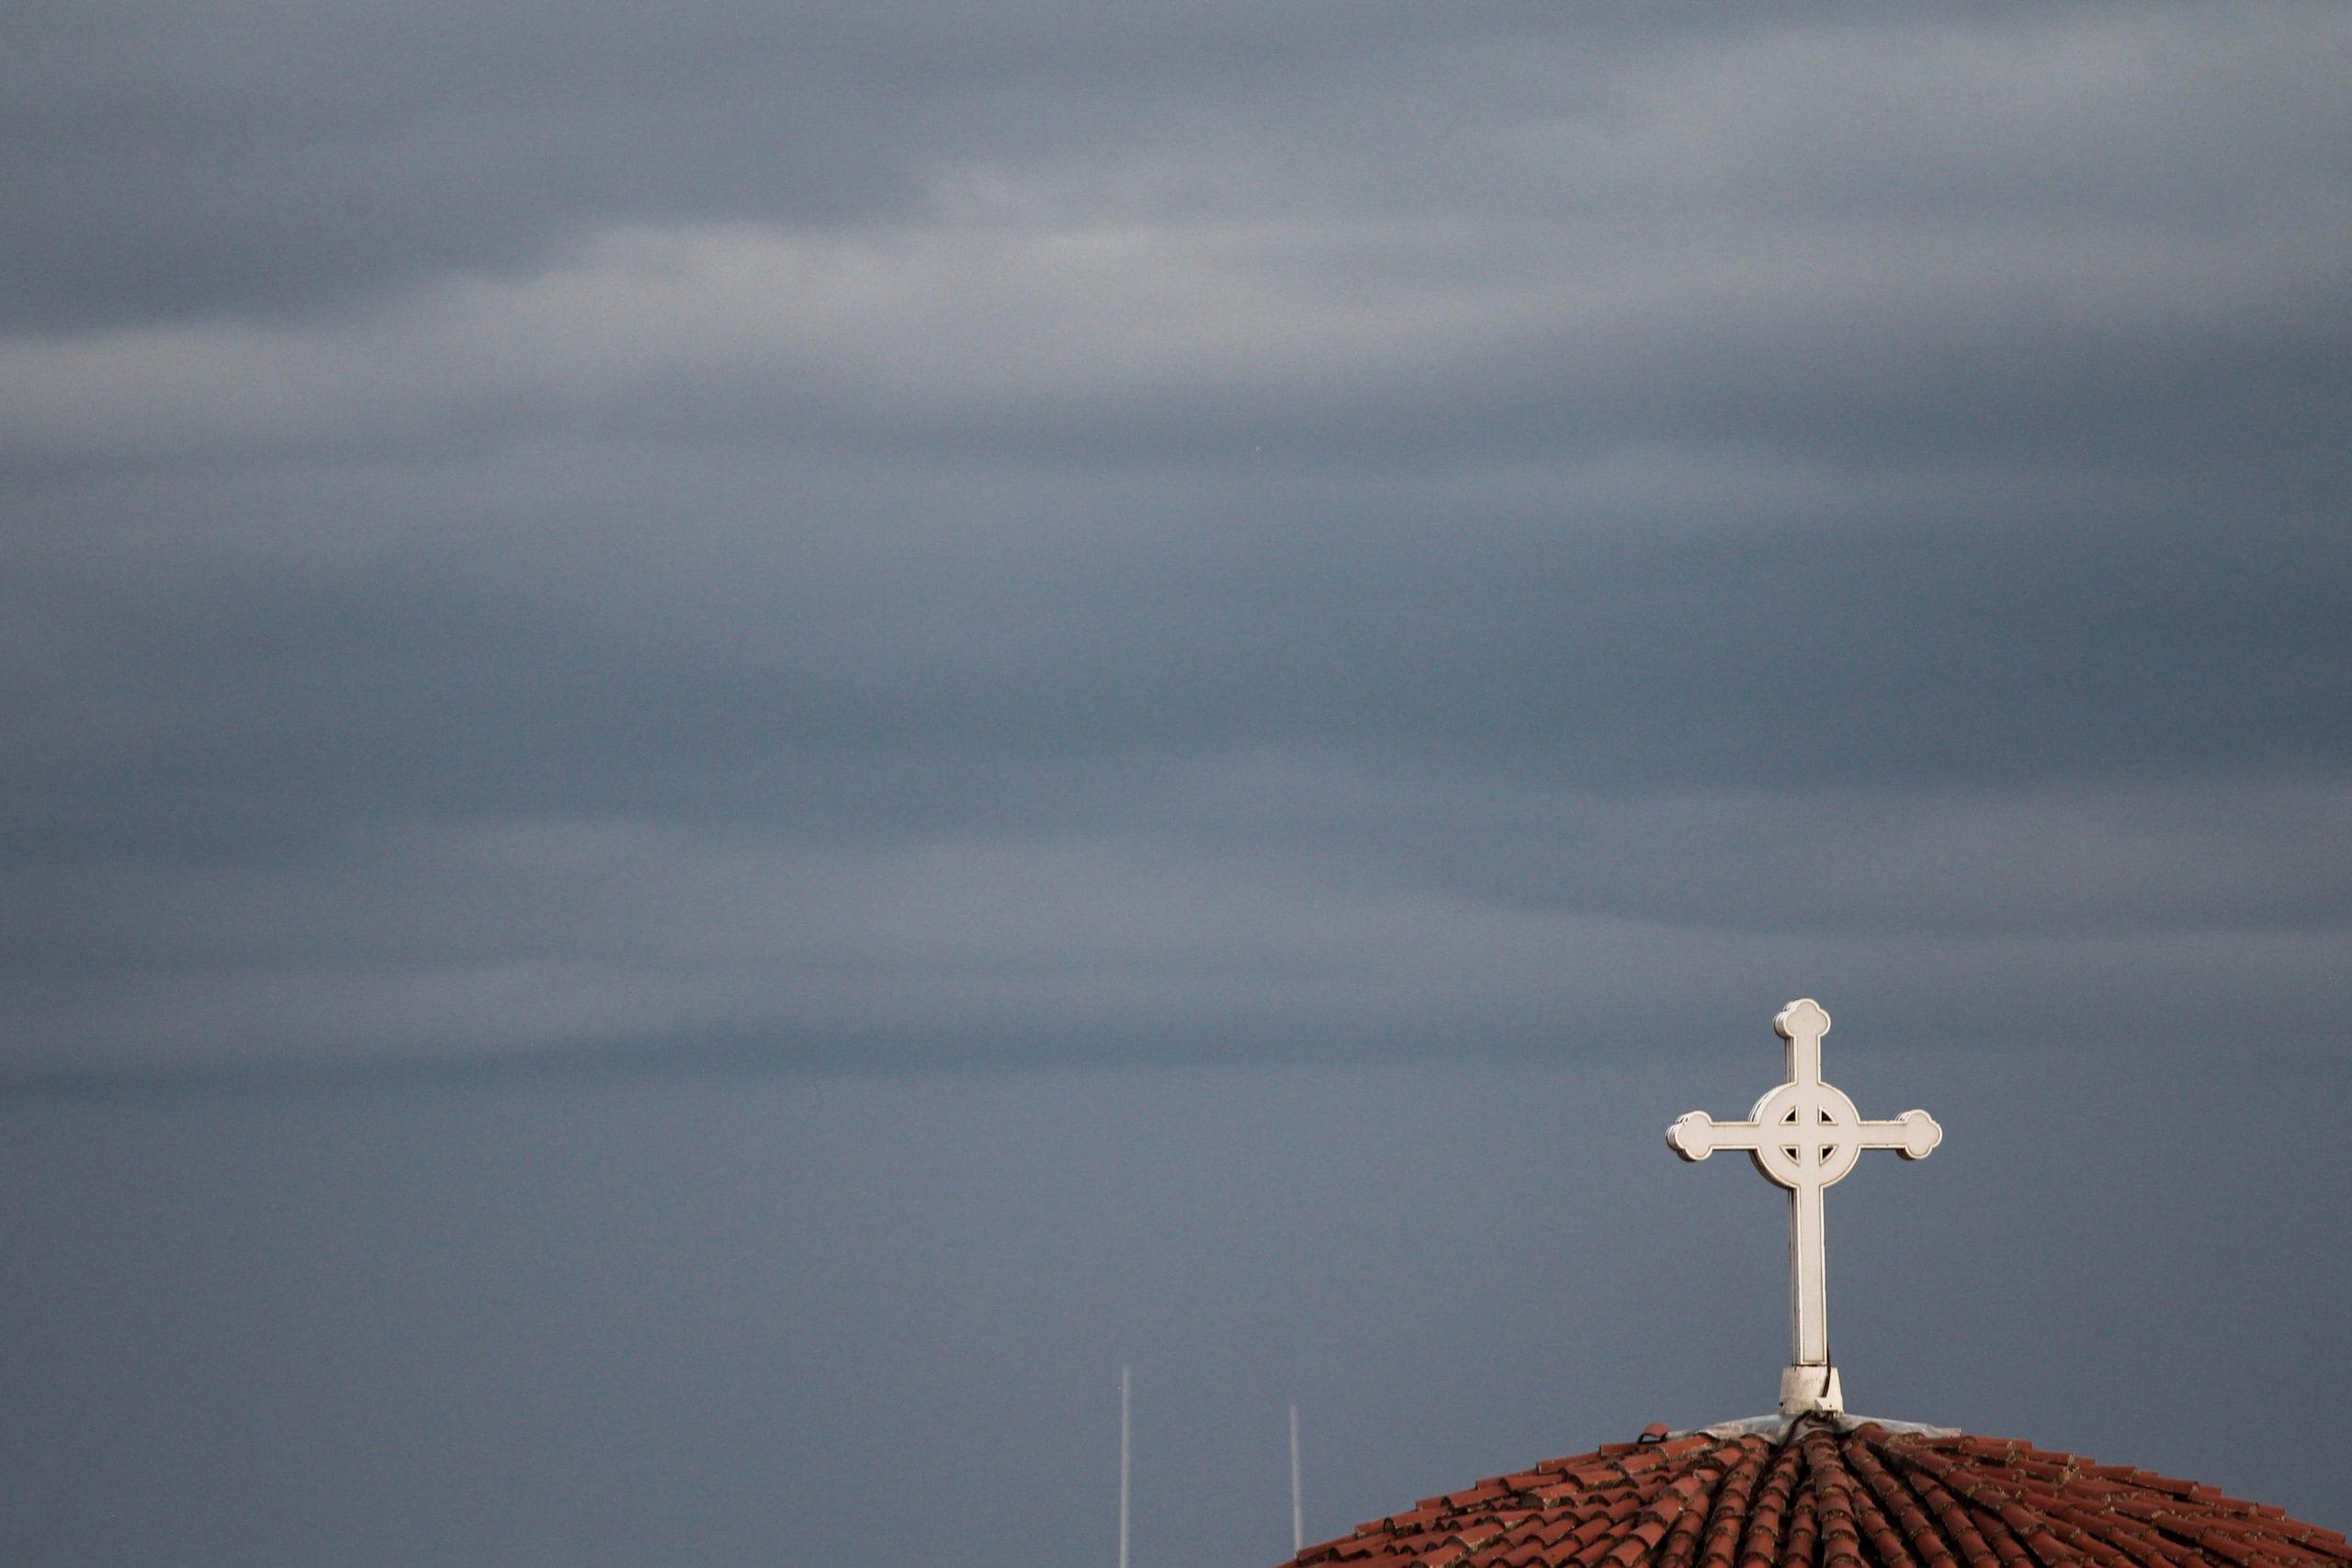 30 Νοεμβρίου Εορτολόγιο: Αγίου Ανδρέα - Πρόγνωση καιρού 30/11